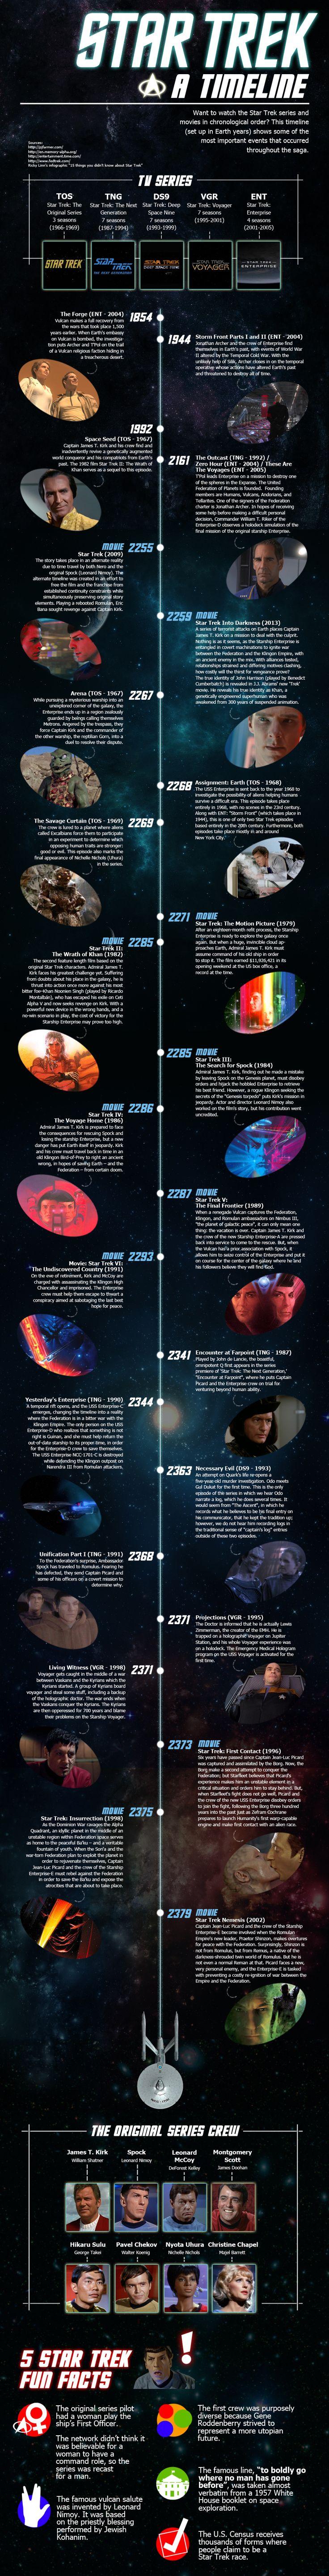 Star Trek Episodes Timeline http://cabletelevisionbundles.s9.com/star-trek-episodes.html